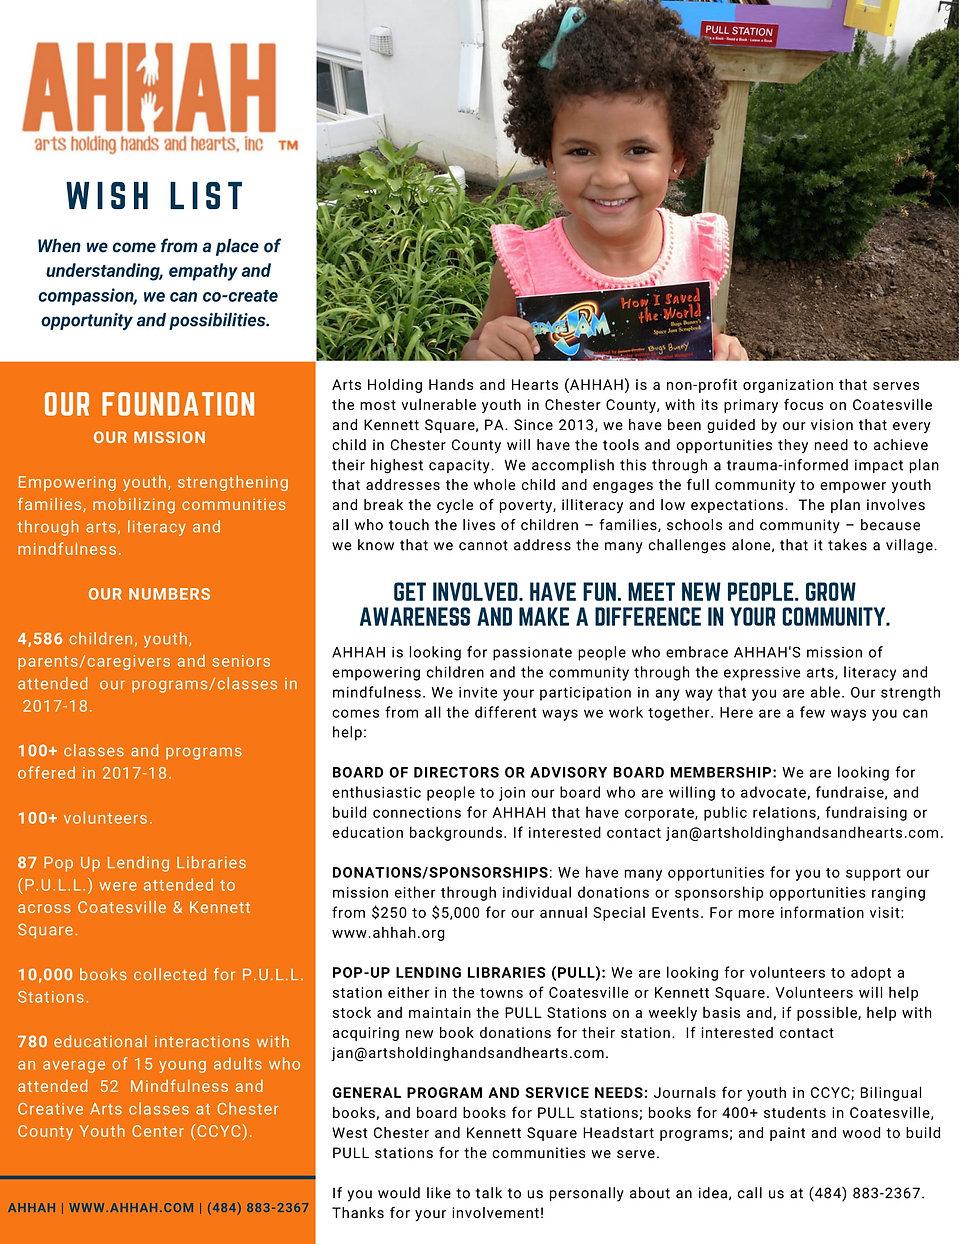 AHHAH Wish List-2-1.jpg